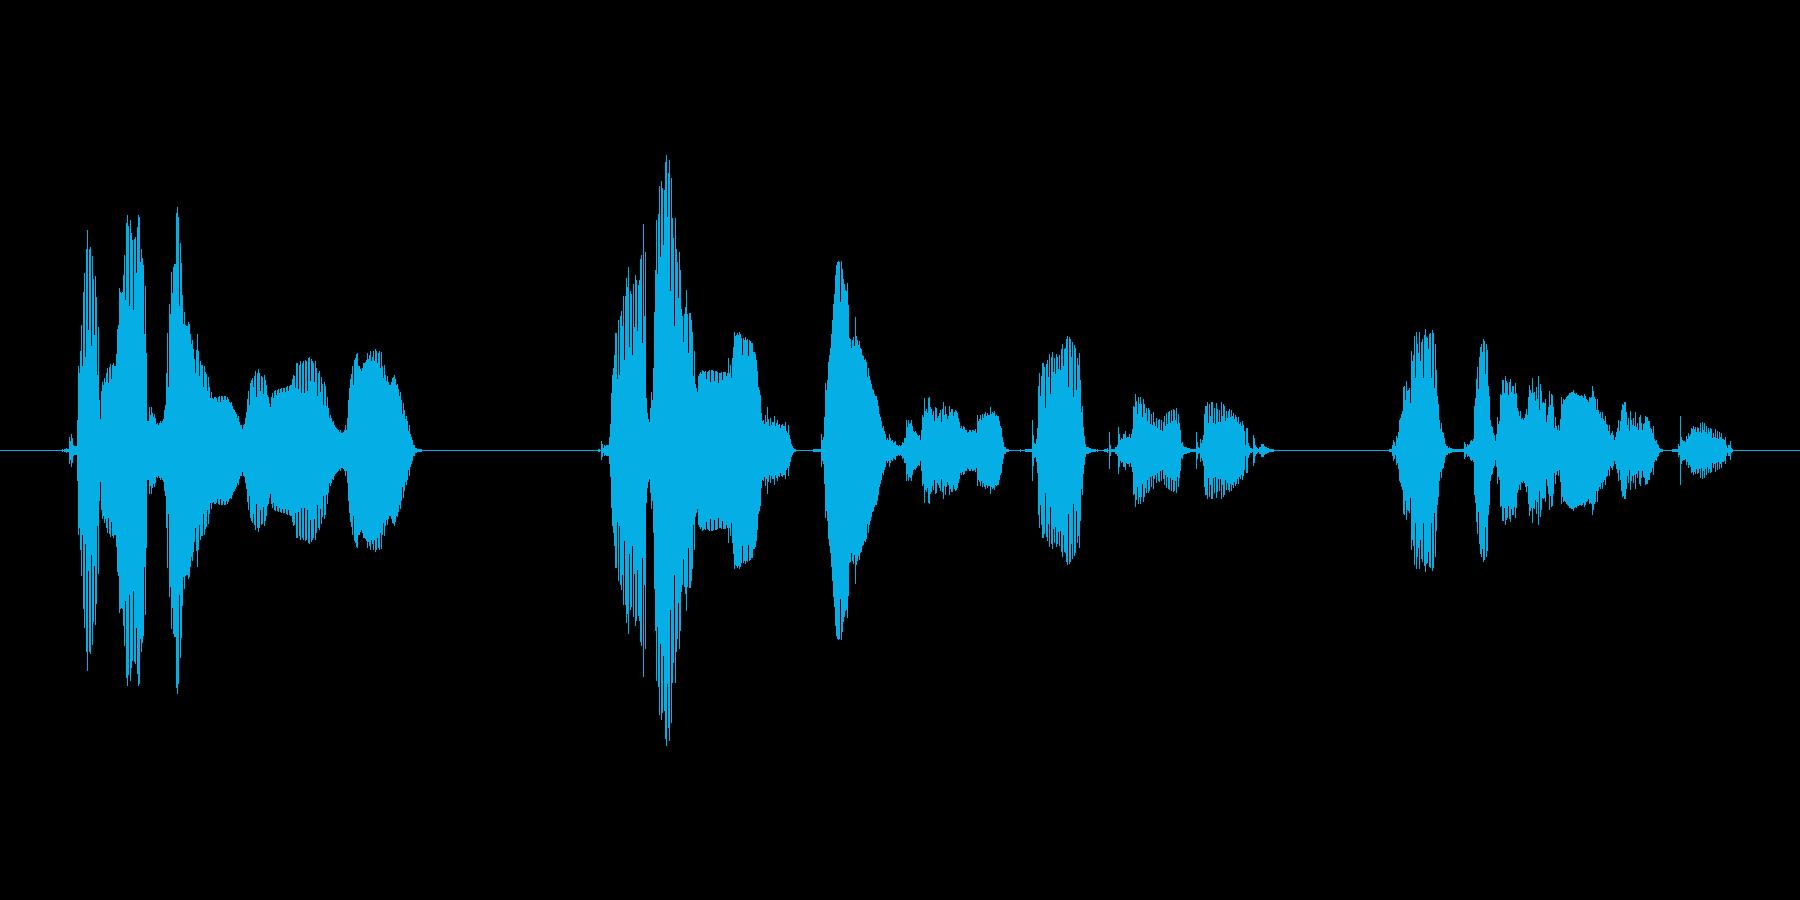 ご覧のスポンサーの提供でお送りしましたの再生済みの波形